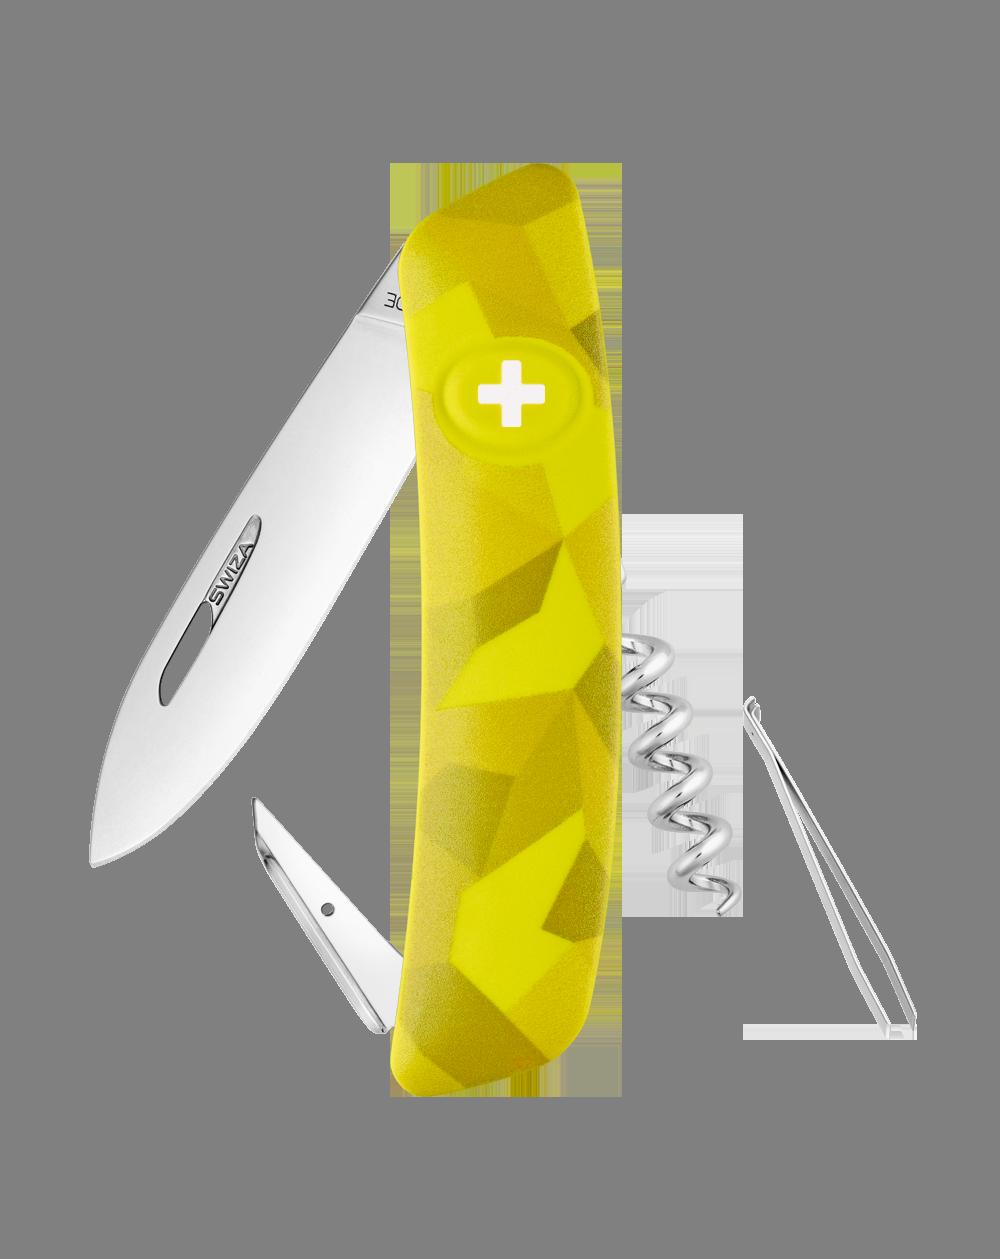 Швейцарский нож SWIZA C01 Camouflage, сталь 440, 95 мм, 6 функций, желтый